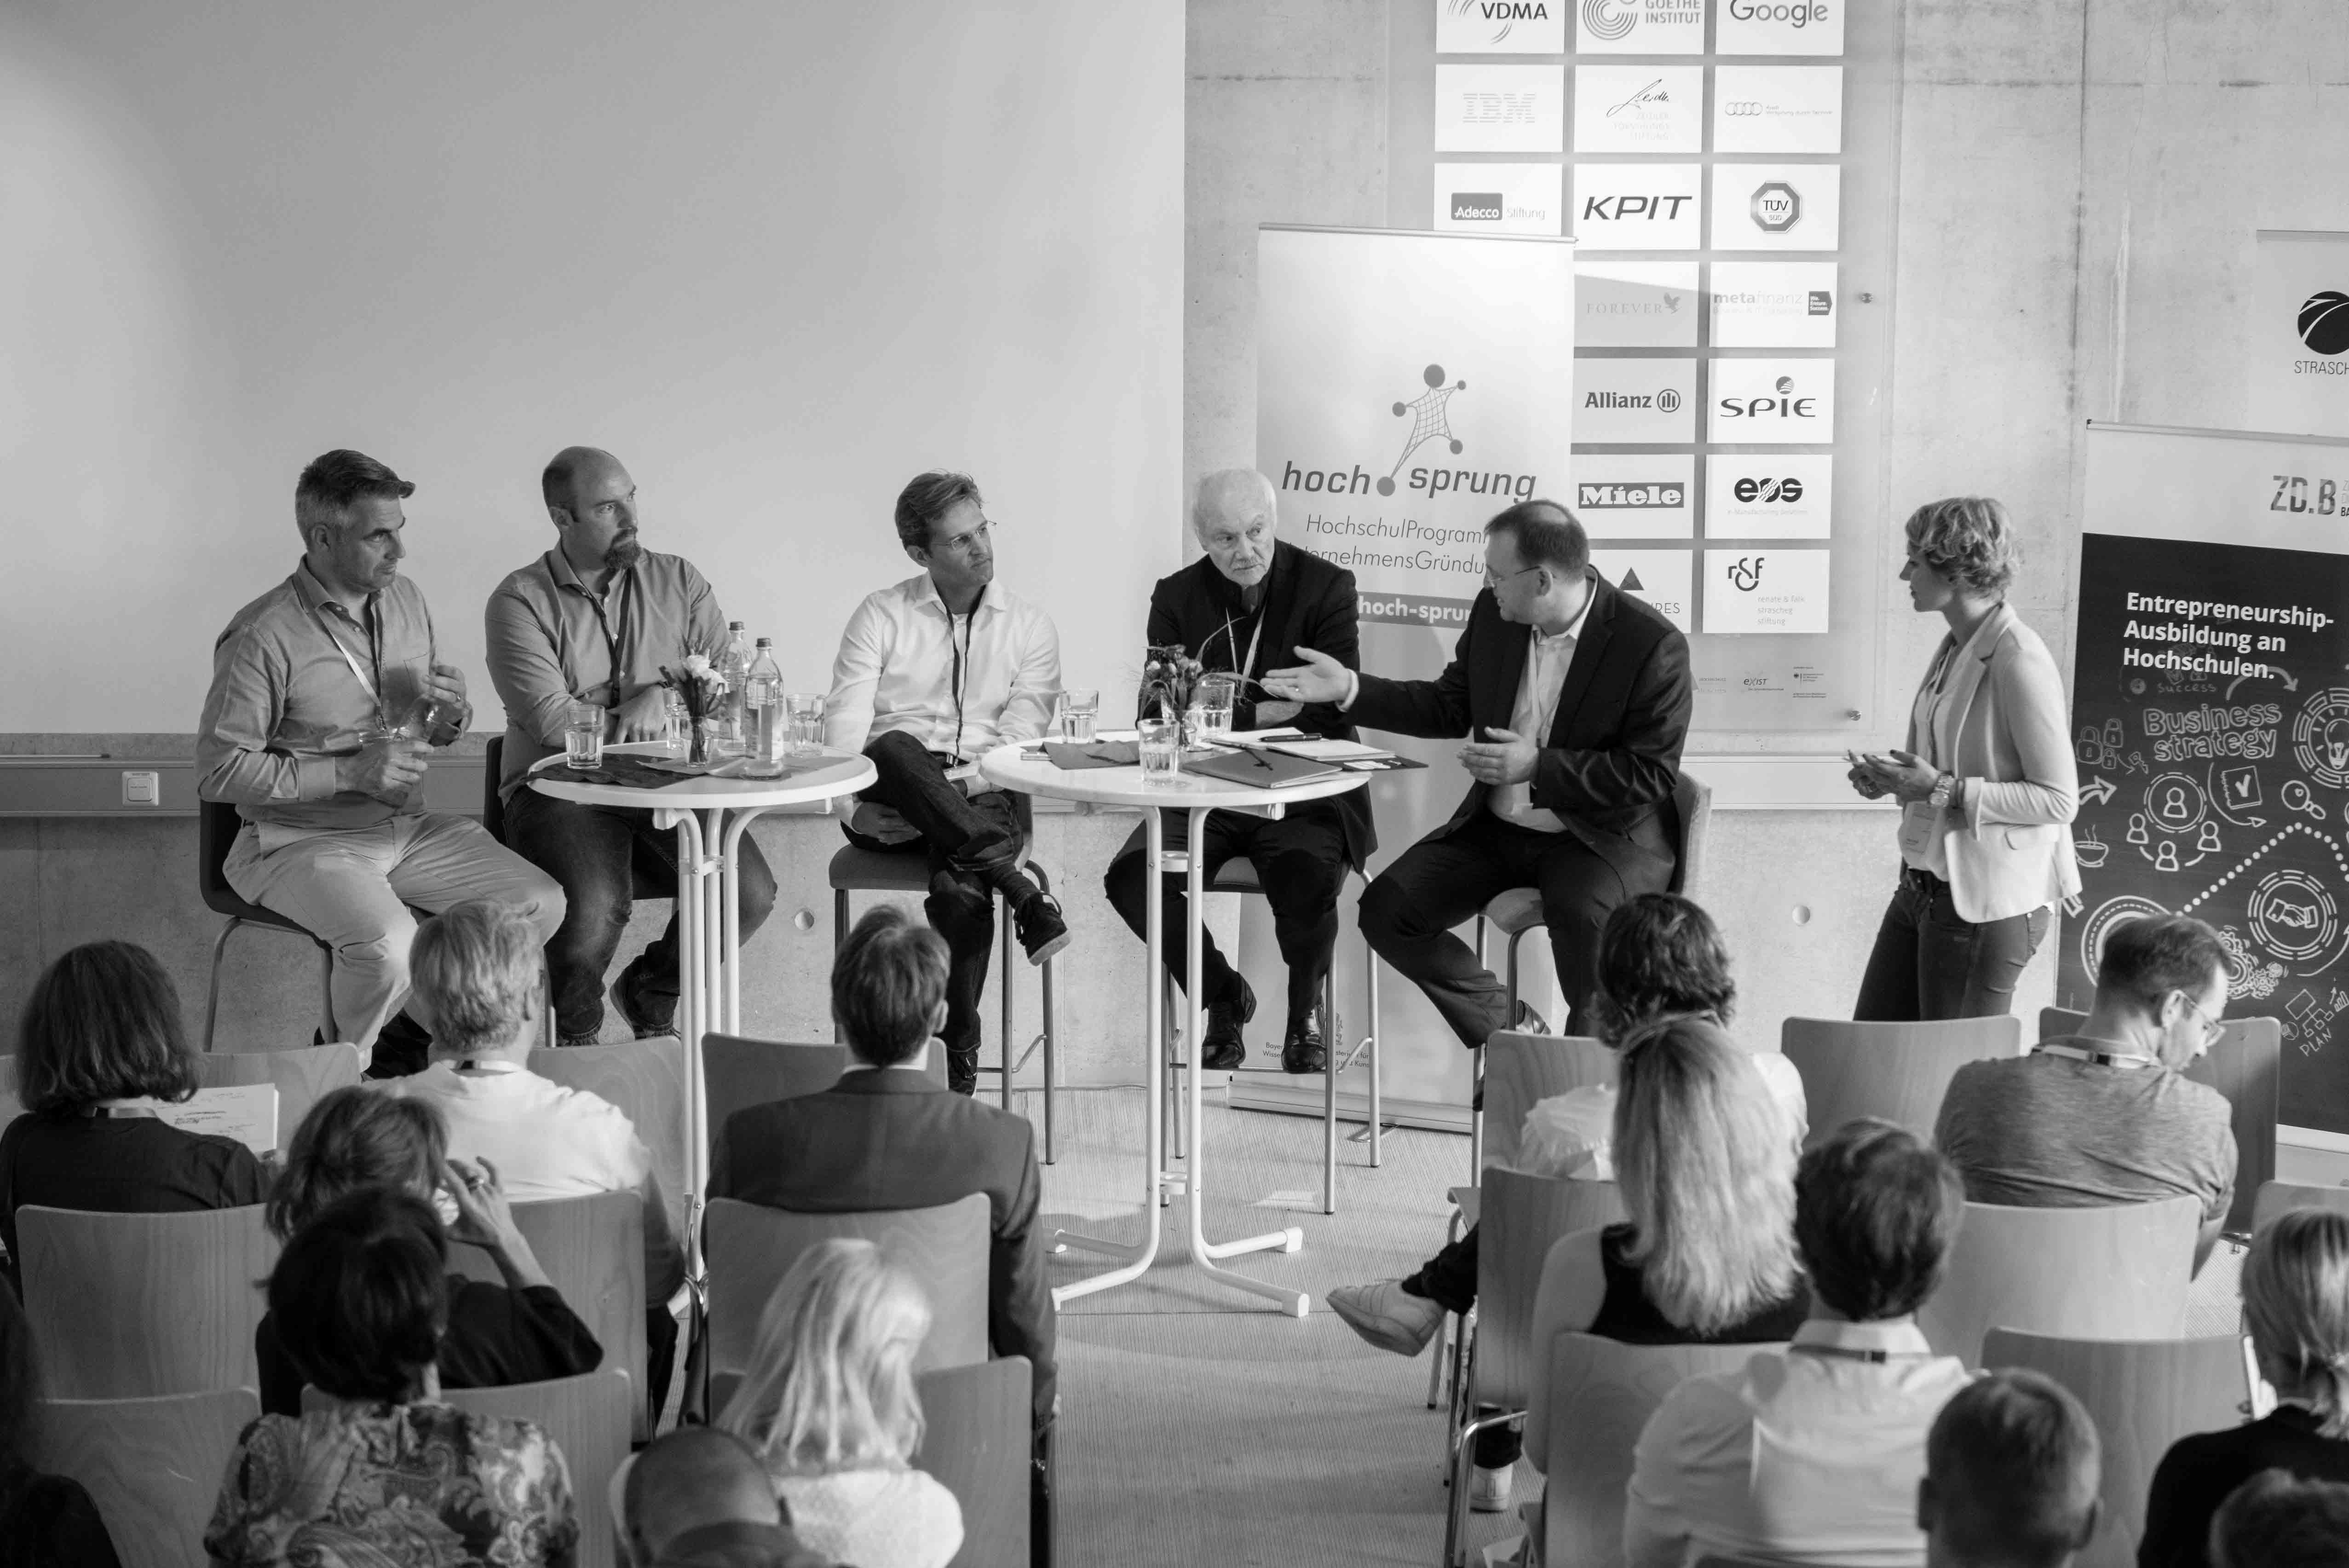 Hochsprung_Konferenz_Diskussion